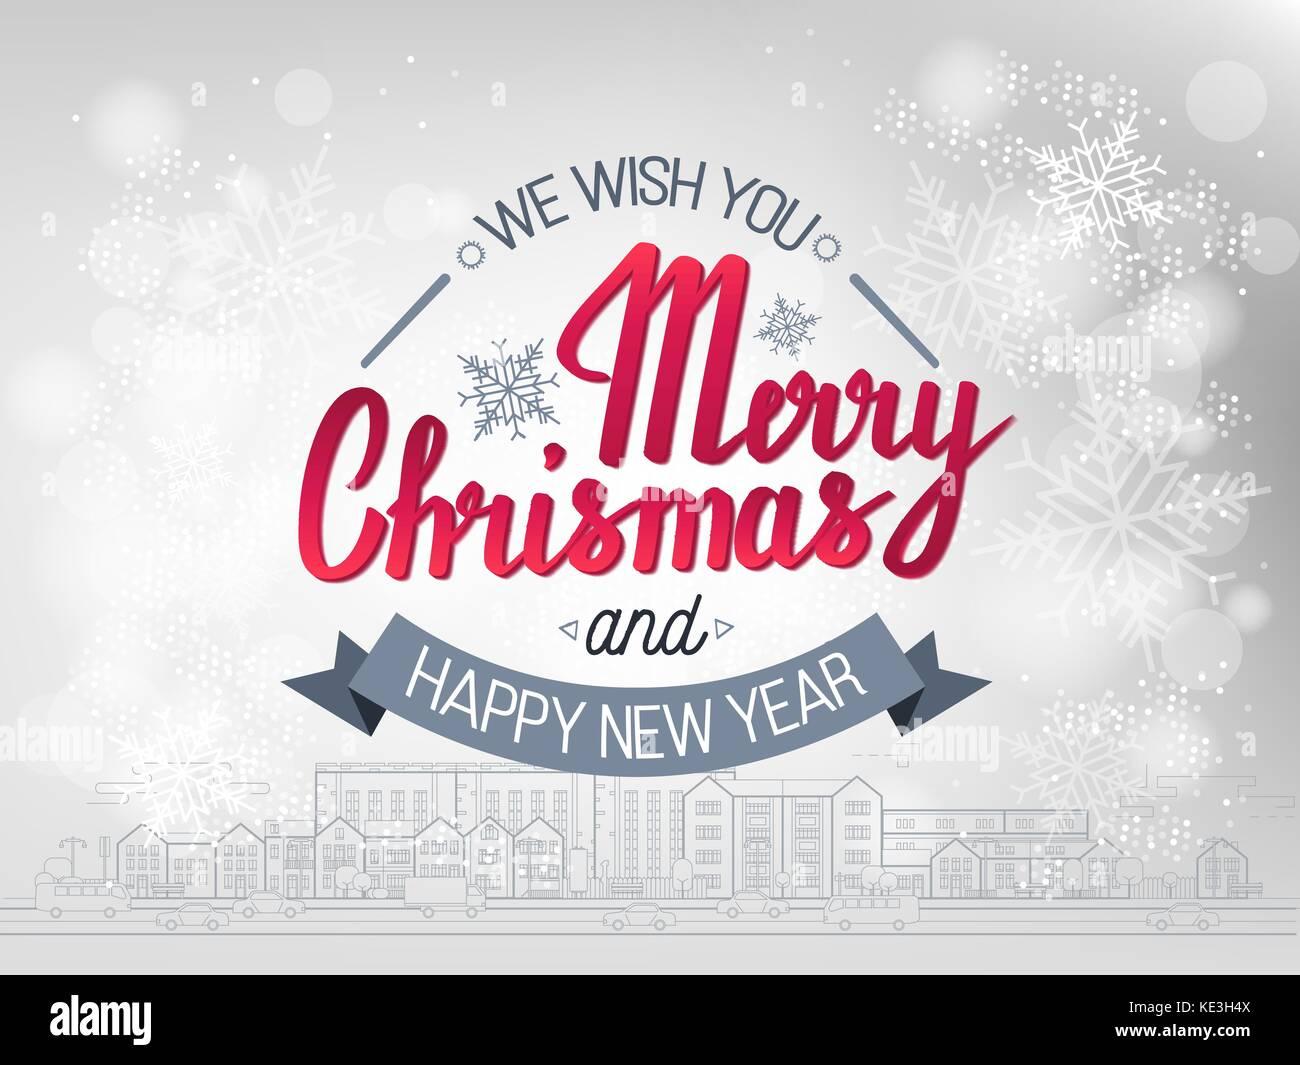 Wir Wünschen Ihnen Frohe Weihnachten Und Ein Glückliches Neues Jahr.Die Handschriftlichen Phrase Wir Wünschen Ihnen Frohe Weihnachten